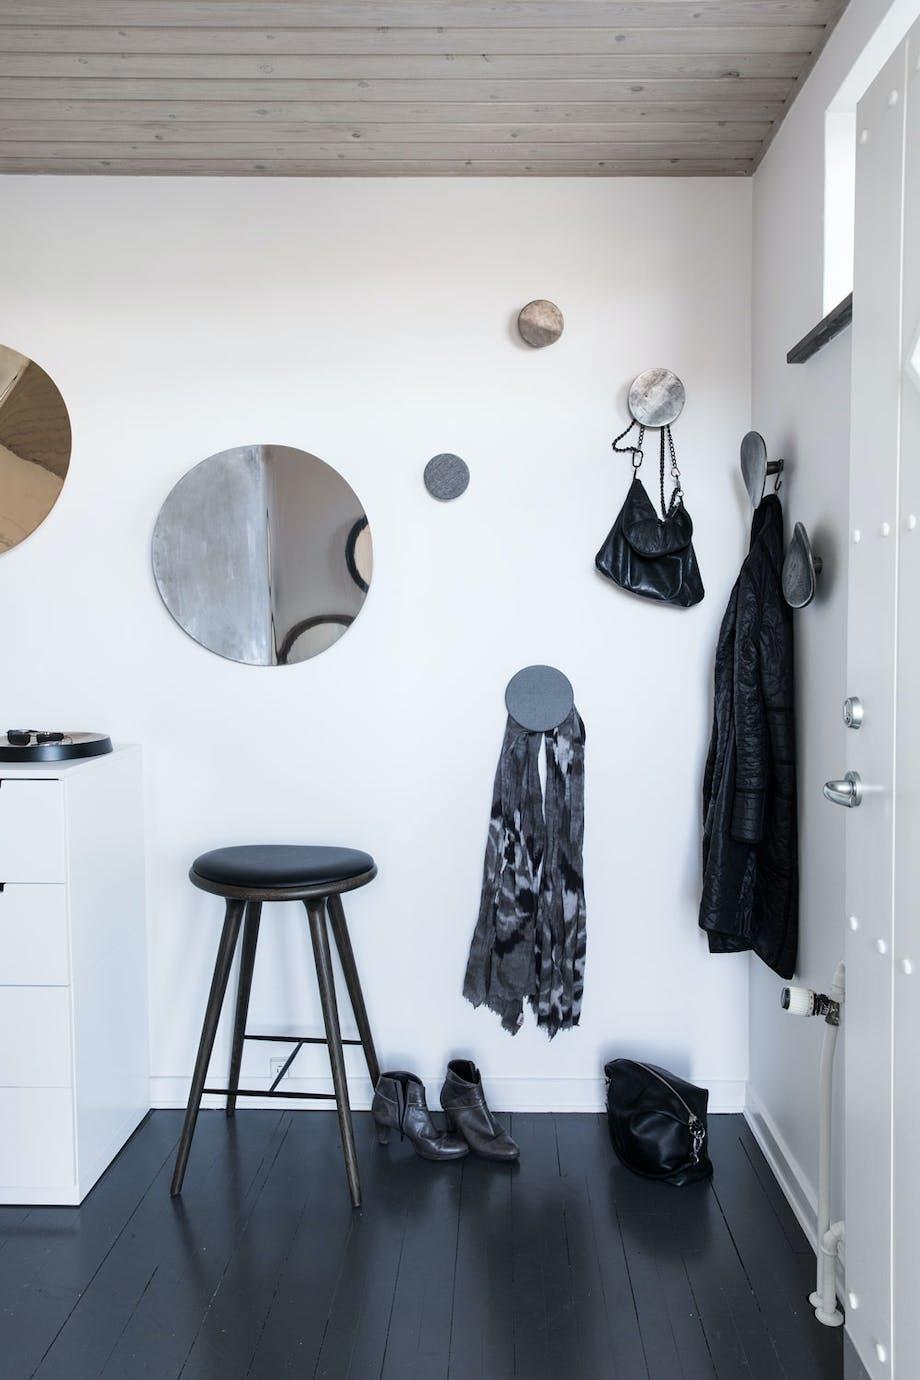 Mater interiør nordiske design